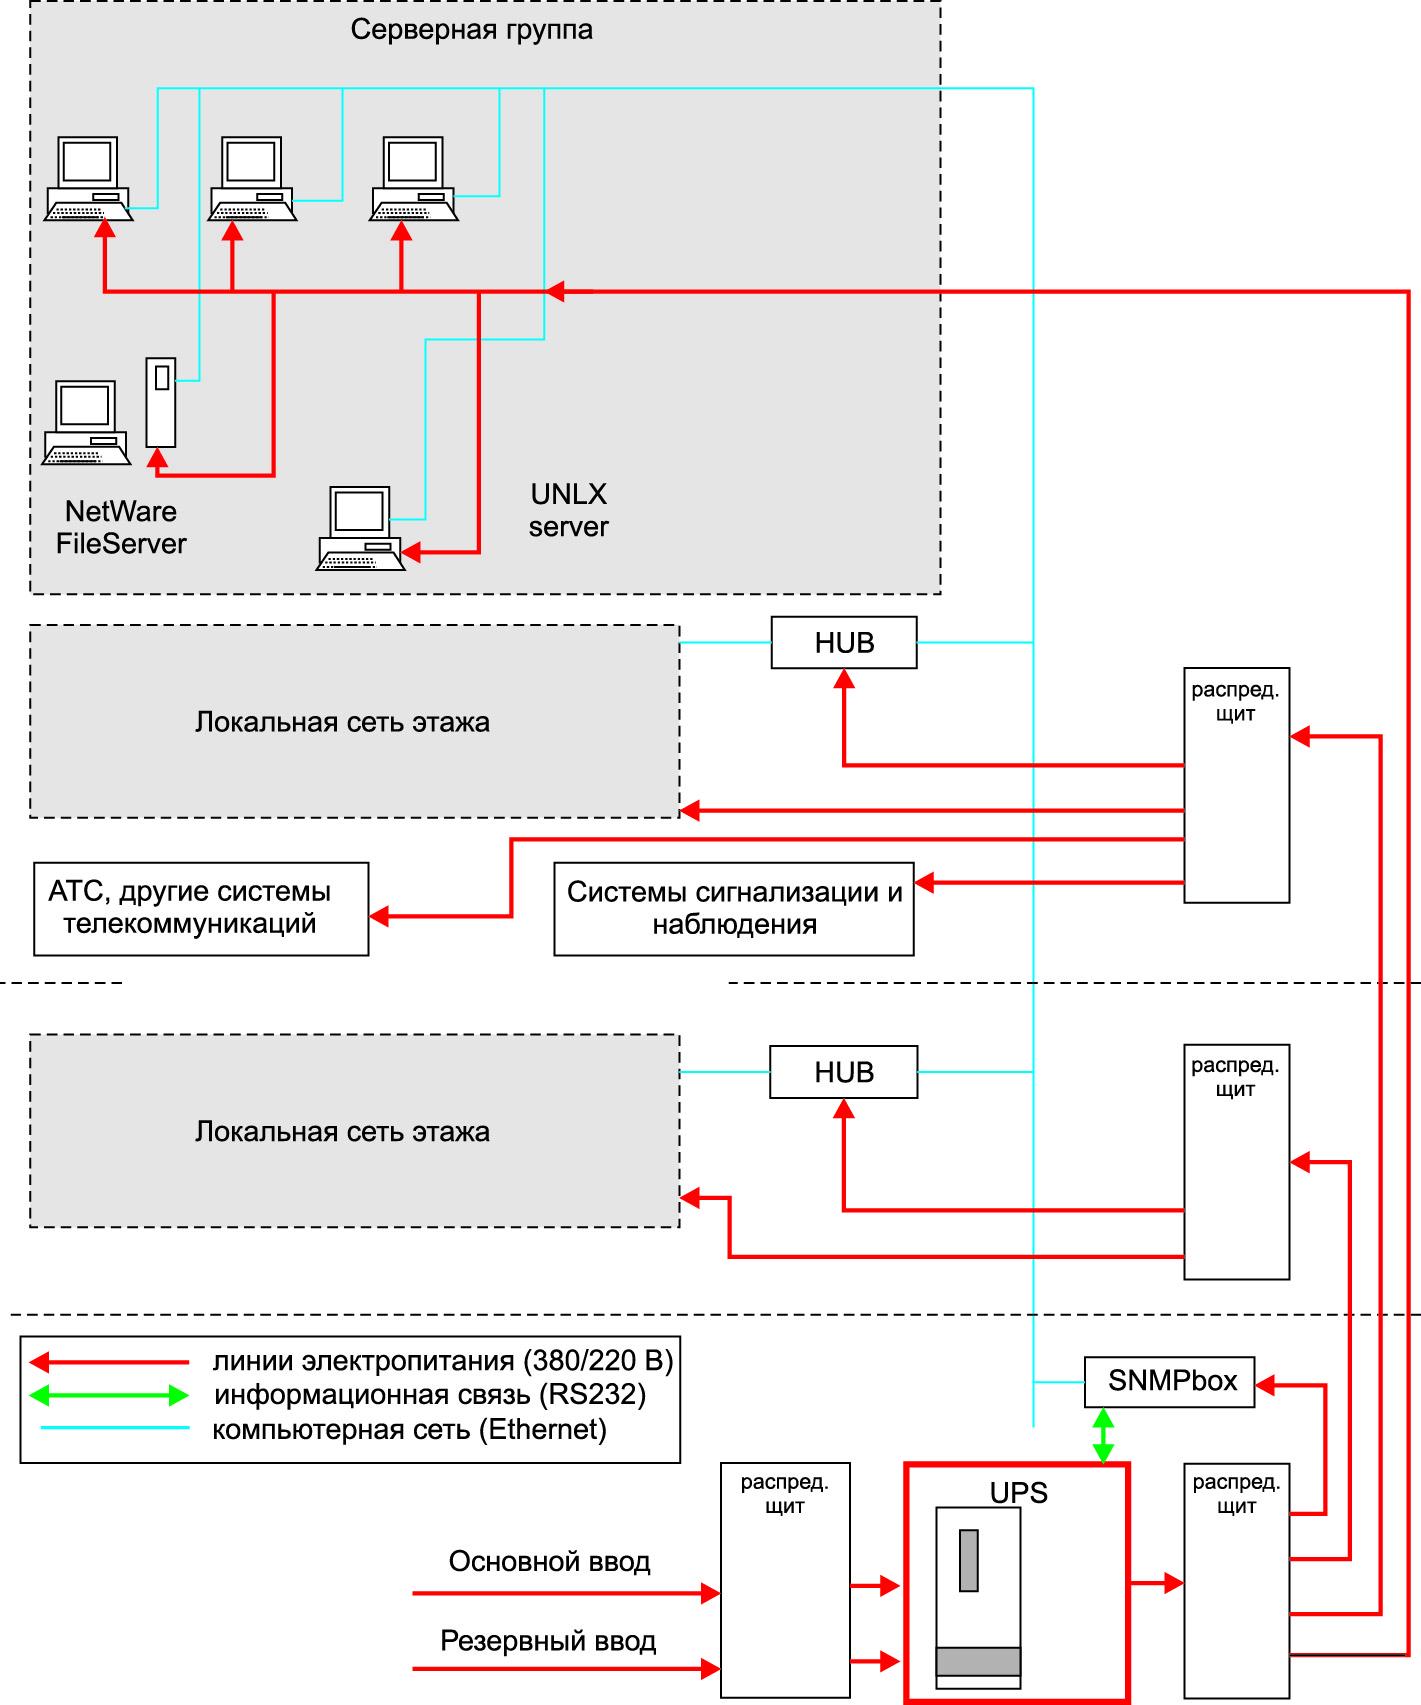 Упрощенная схема системы гарантированного электроснабжения для ЦОД с третьим и четвертым уровнями безопасности [12]